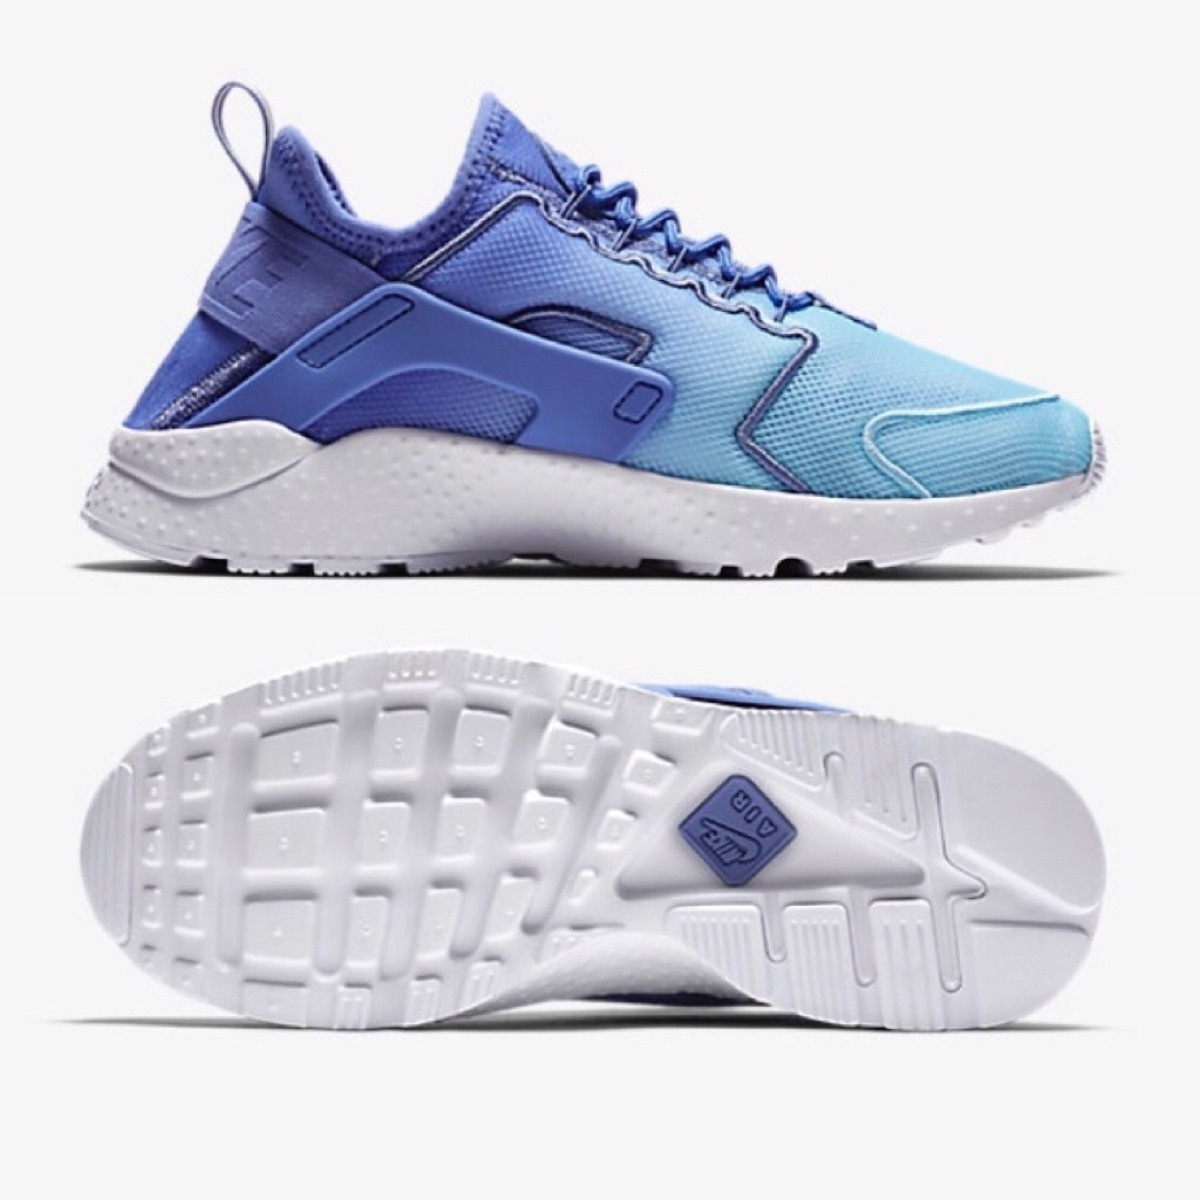 126d949f8b151 tenis nike air huarache run ultra - azul  25 cm  mx original. Cargando zoom.